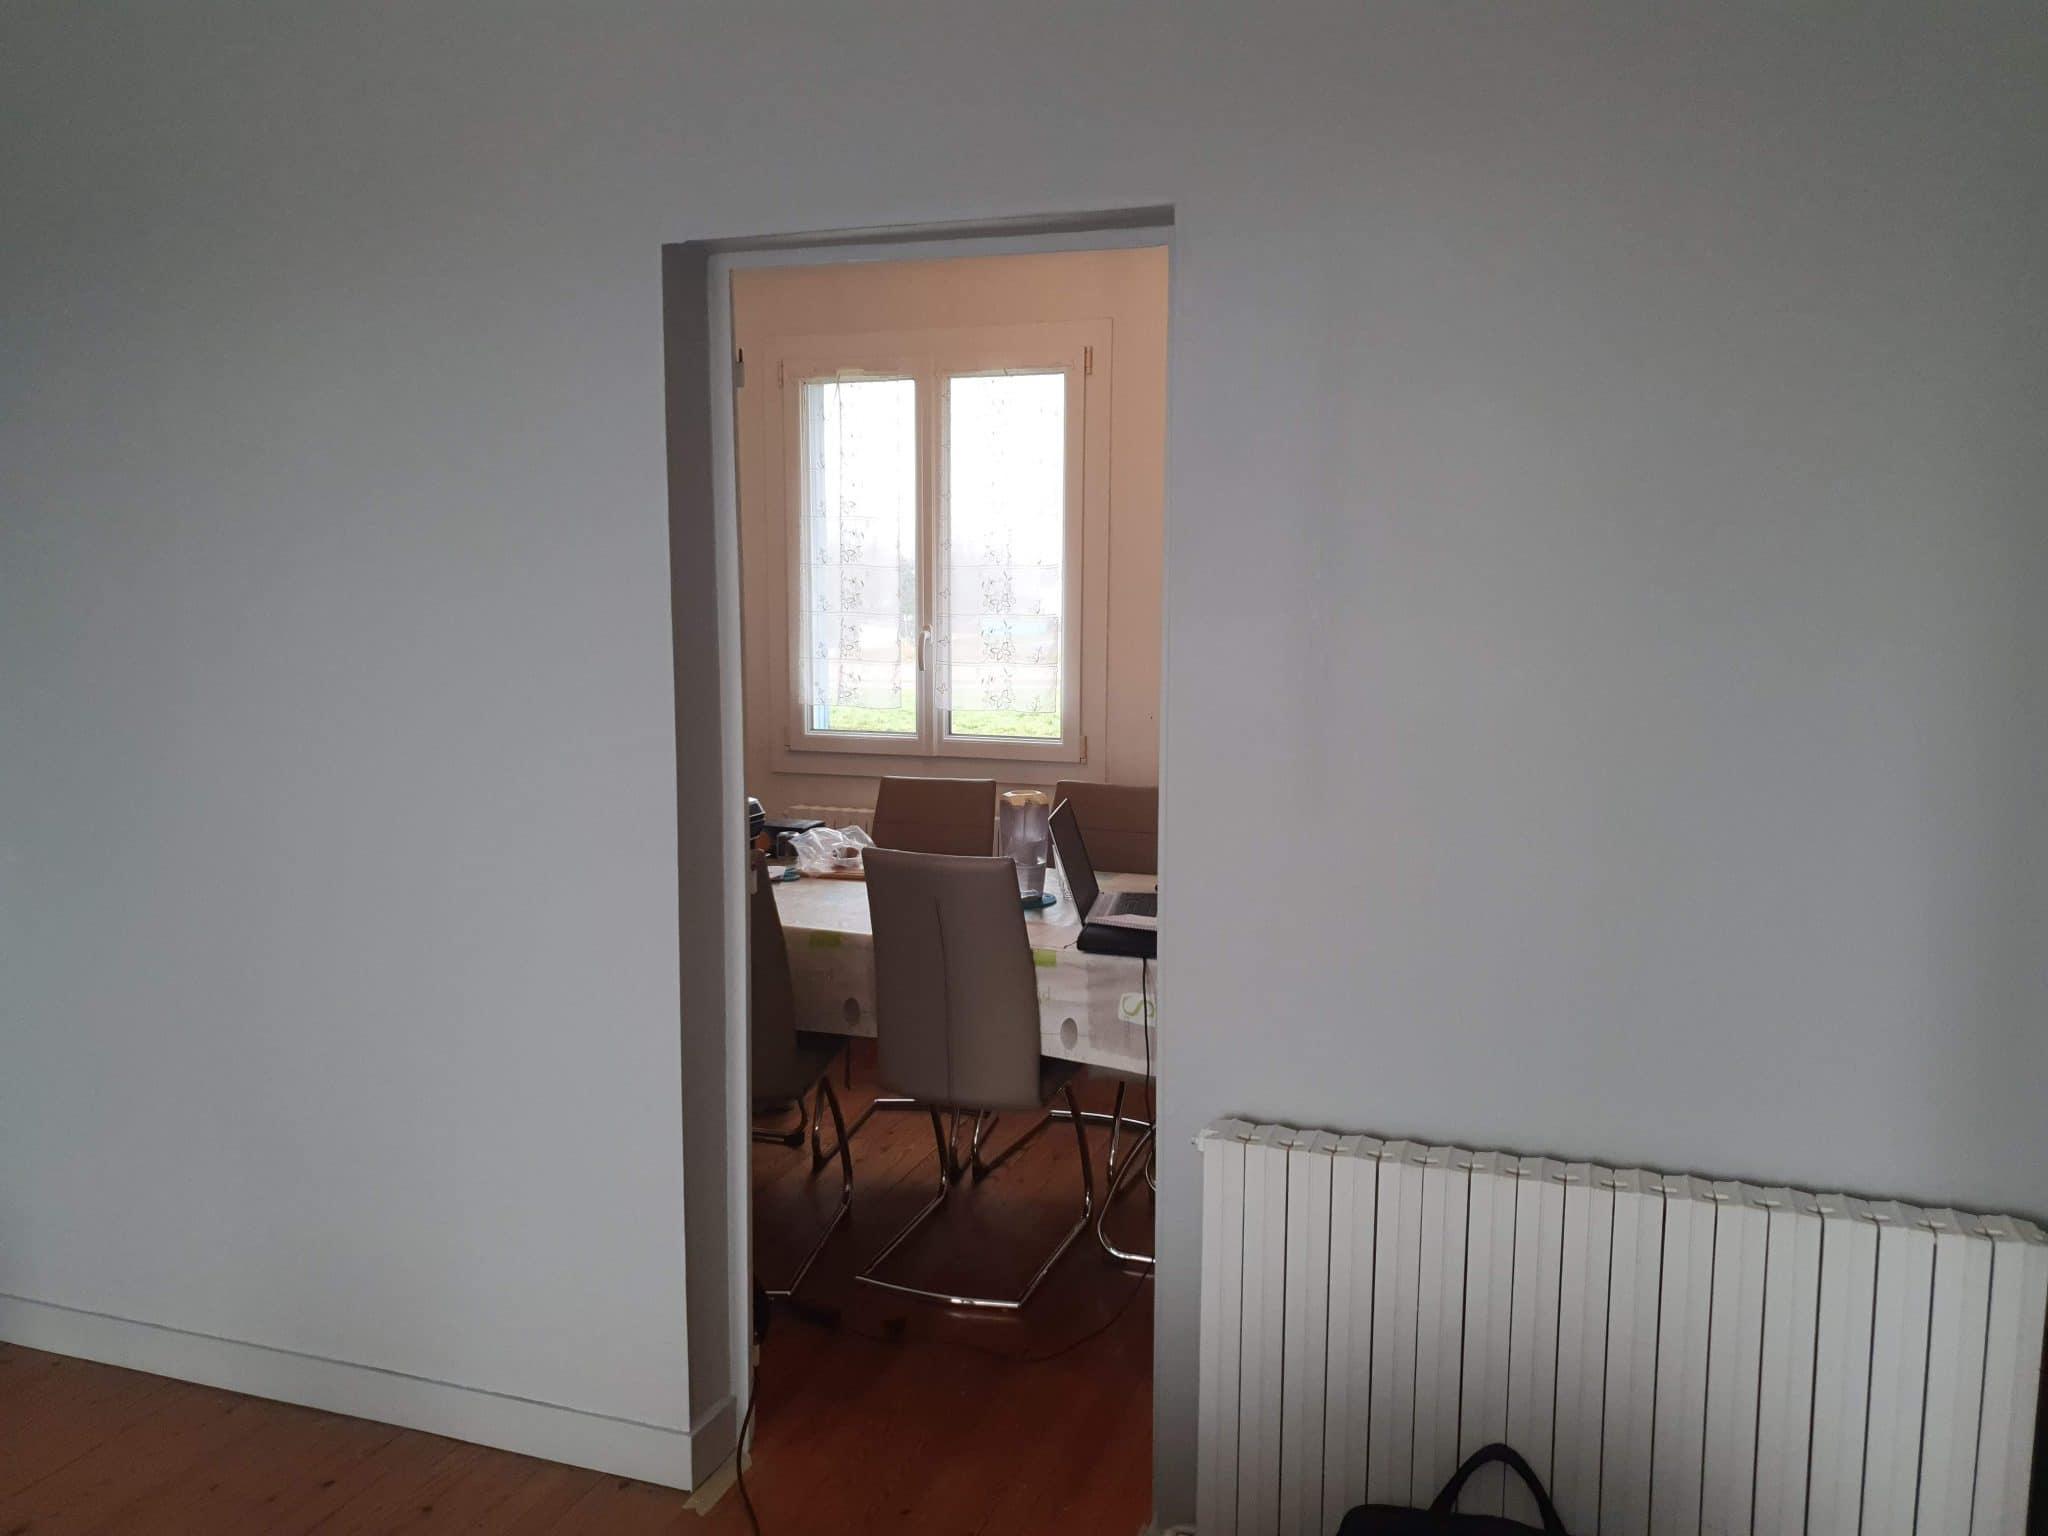 Rénovation d'intérieur à Saint-Sulpice-de-Cognac (16)